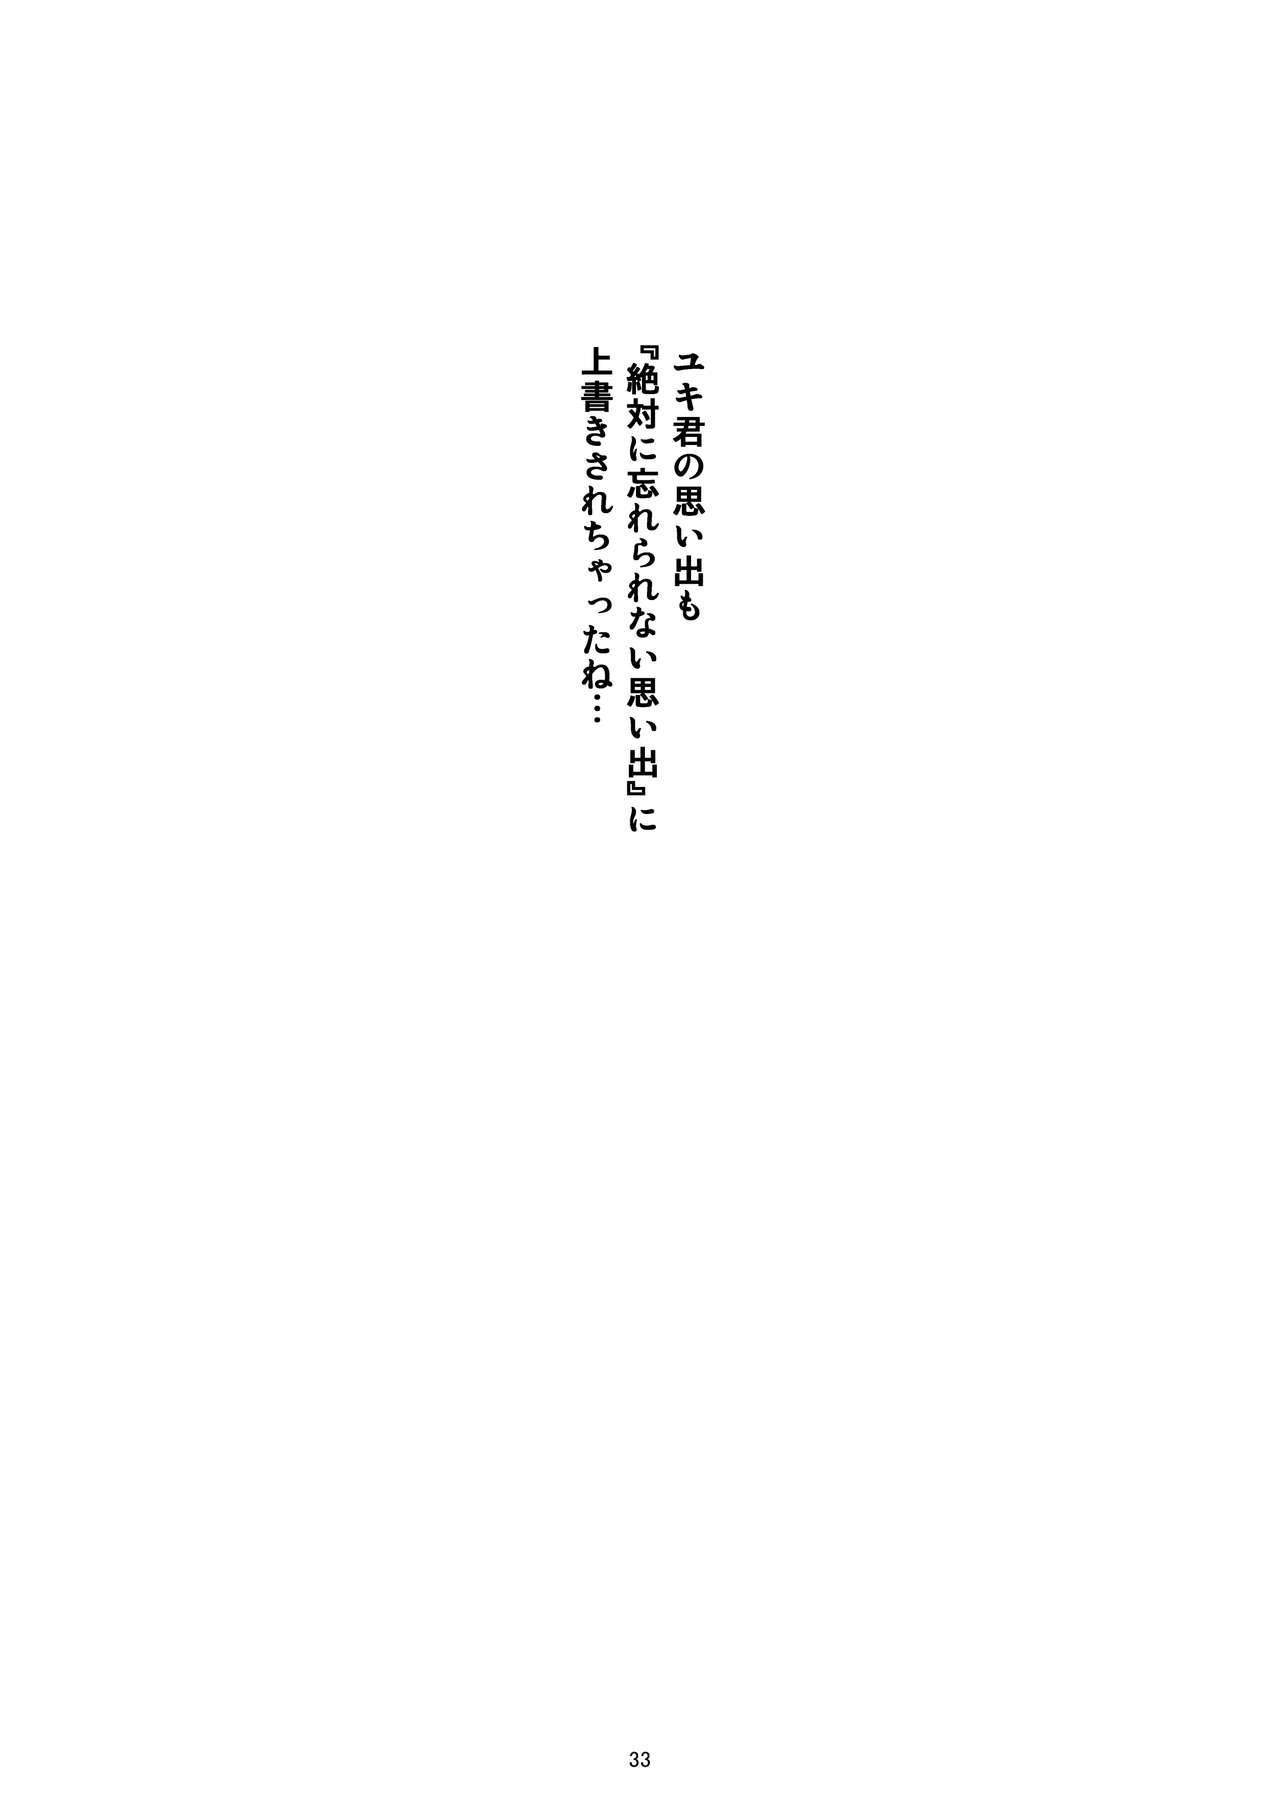 Anoko ga Aitsu no Omocha ni Natta Hi Kanzaki Hina Hen AFTER 32